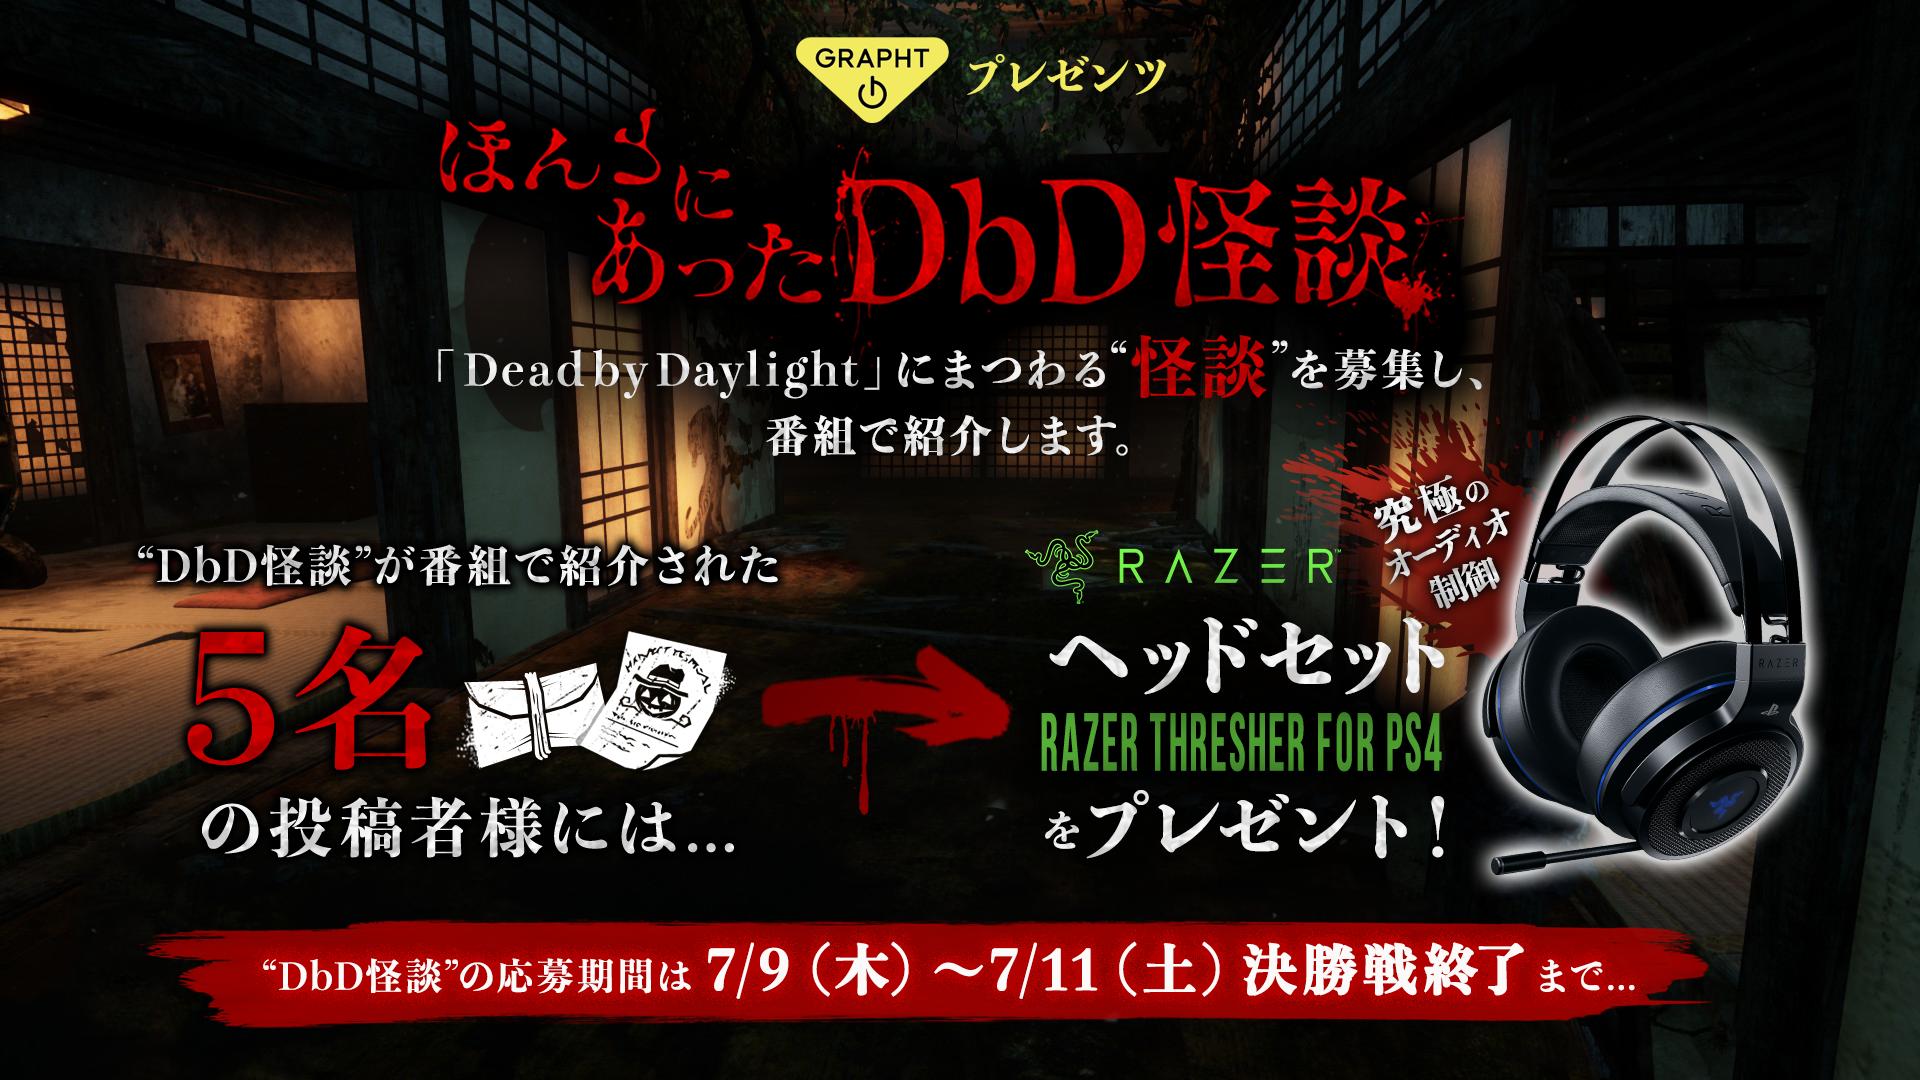 DbD怪談賞品(vol.8).png